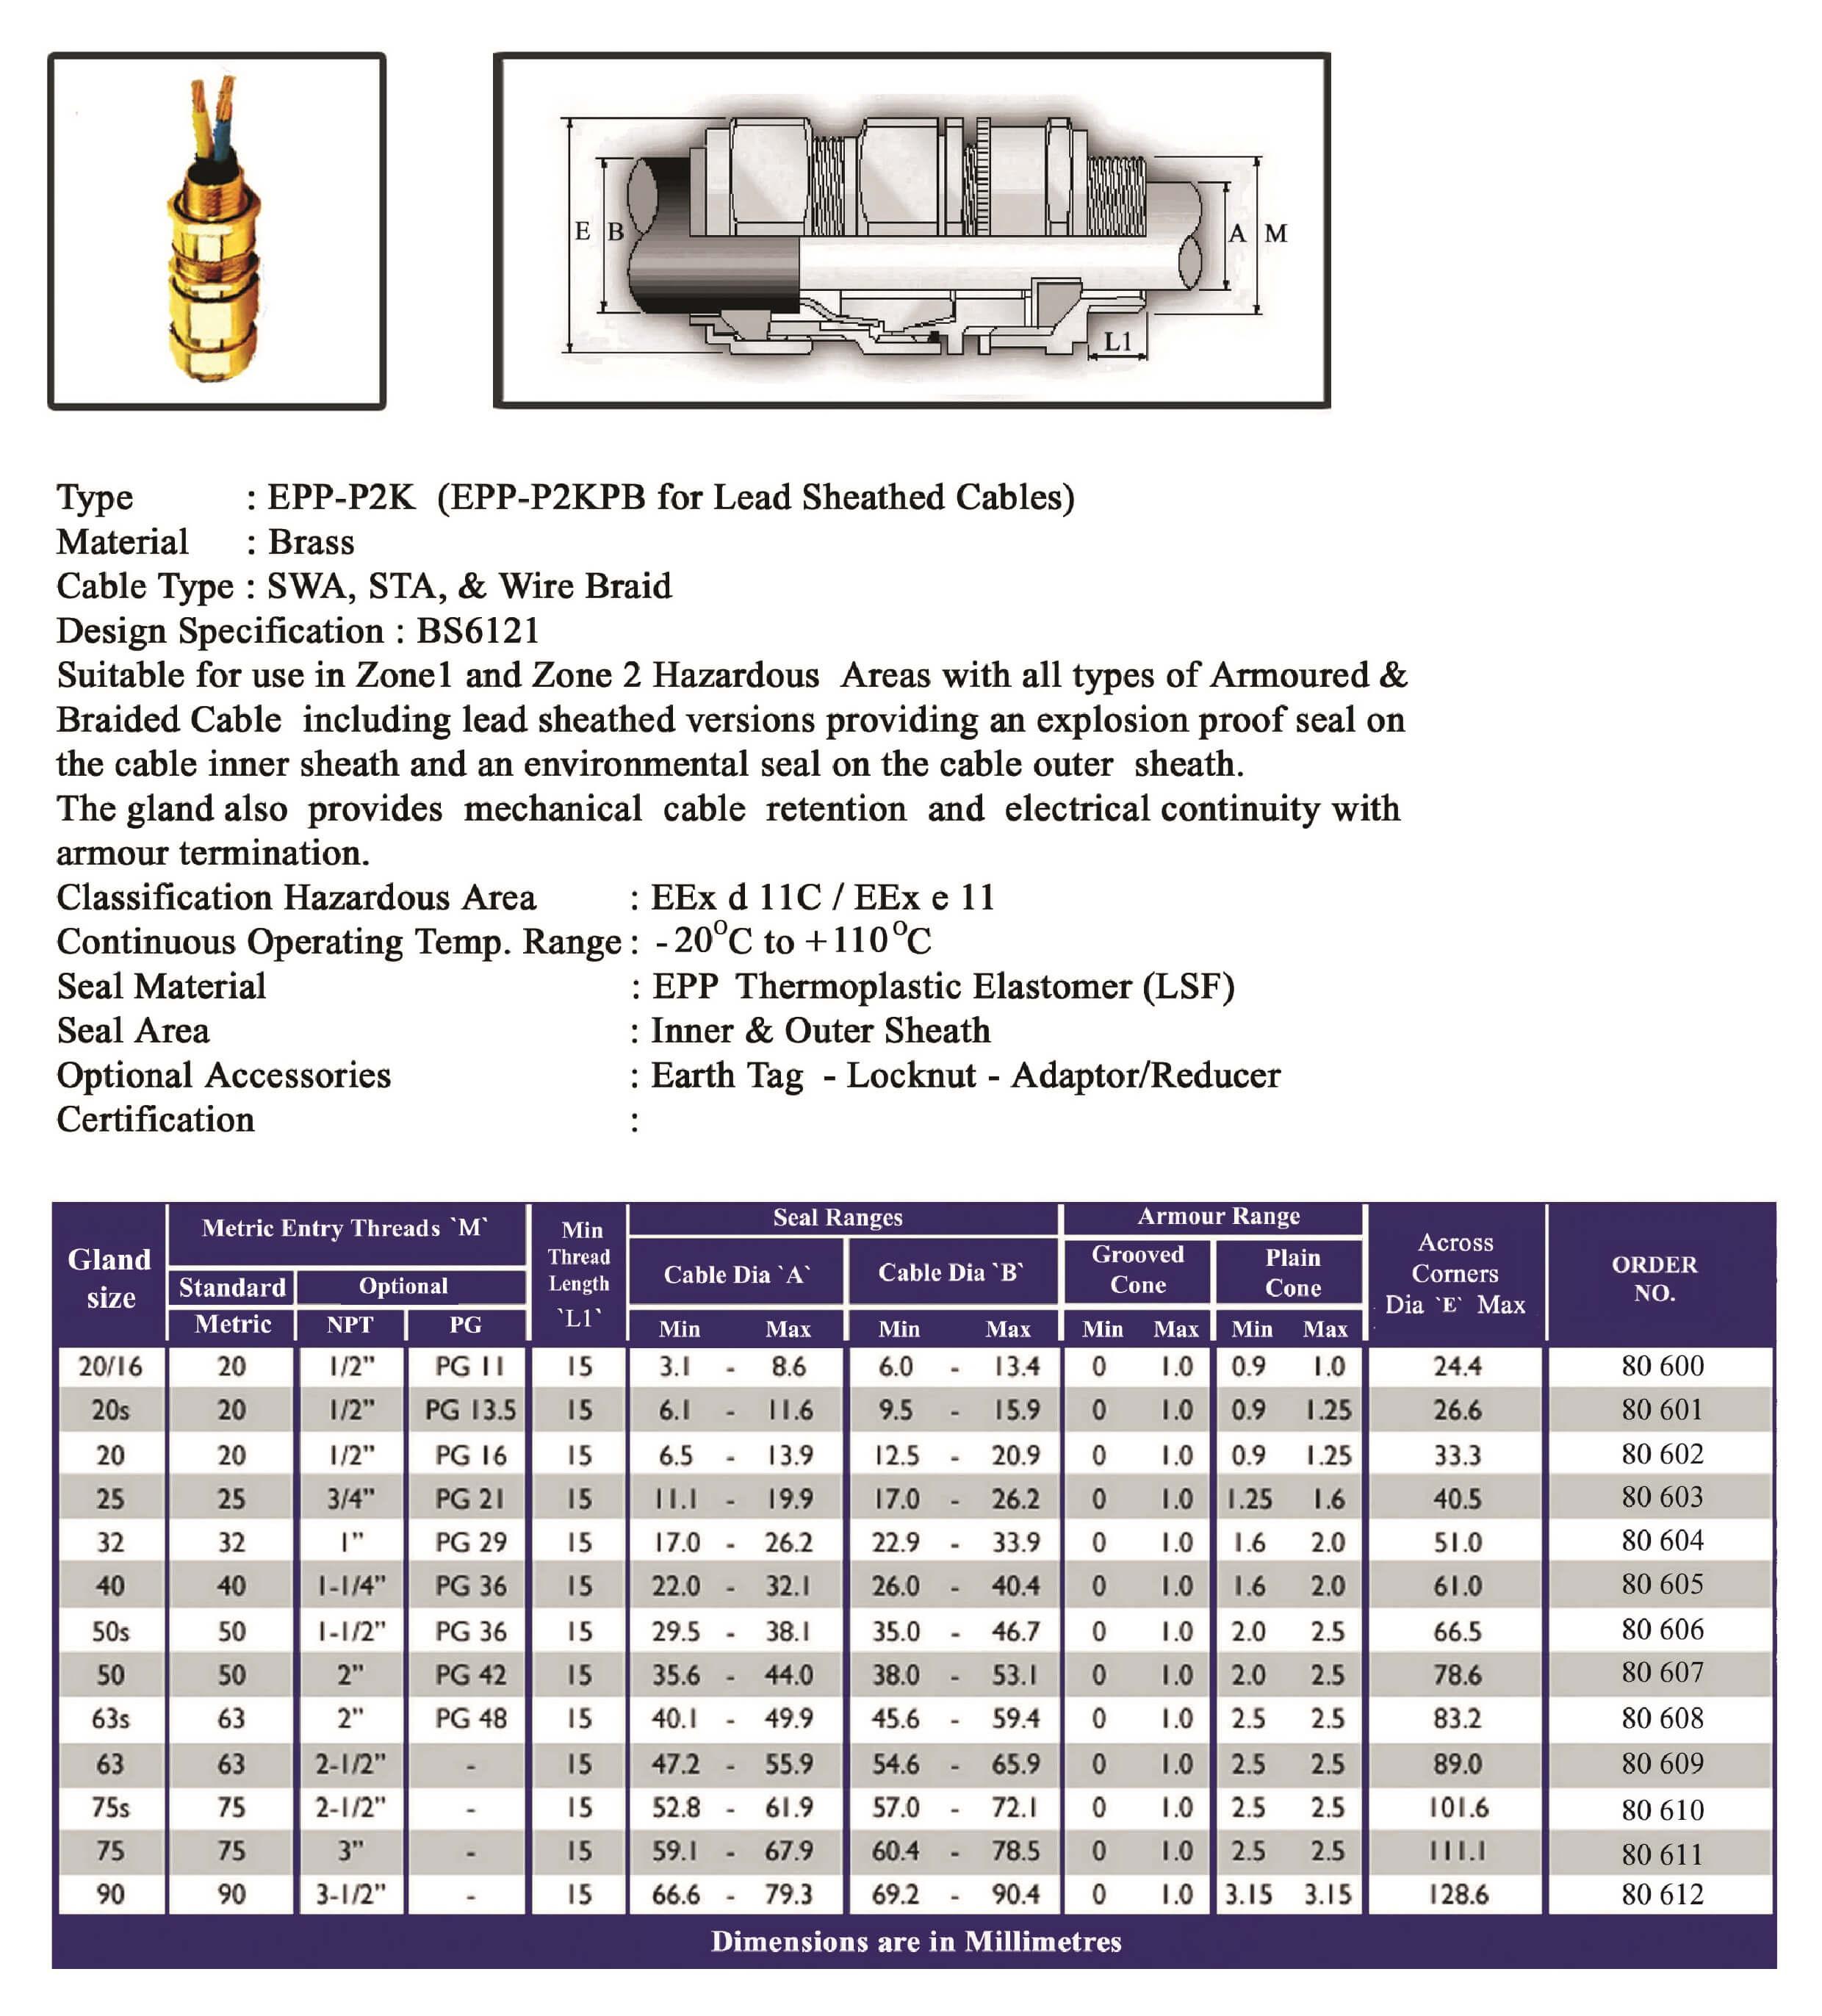 E.P.P - P2K Technical Datasheet